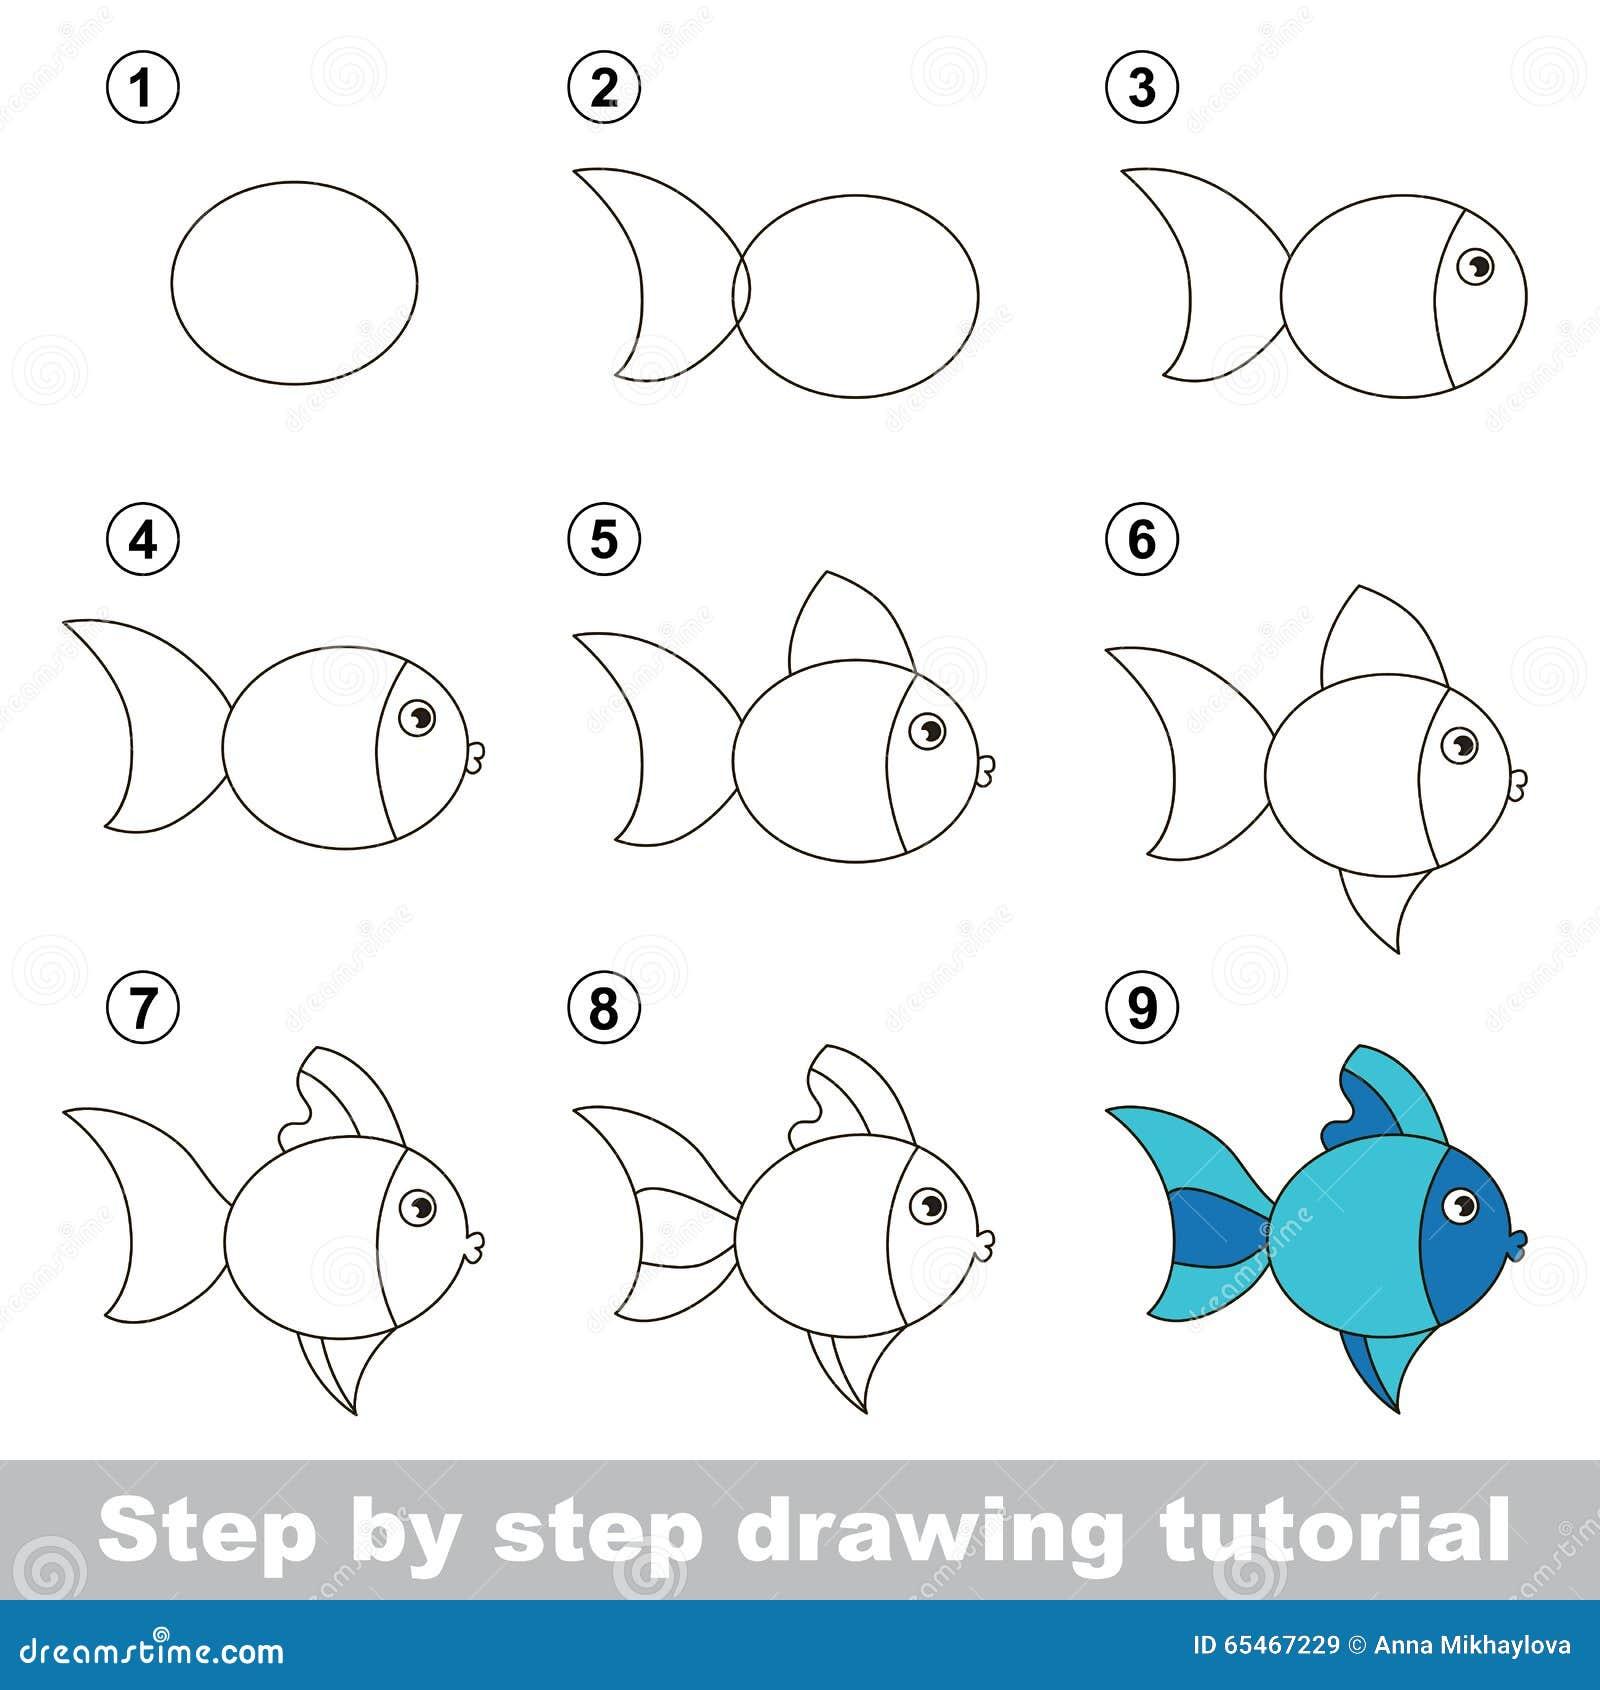 Cours de dessin comment dessiner un poisson mignon - Dessiner un poisson facilement ...